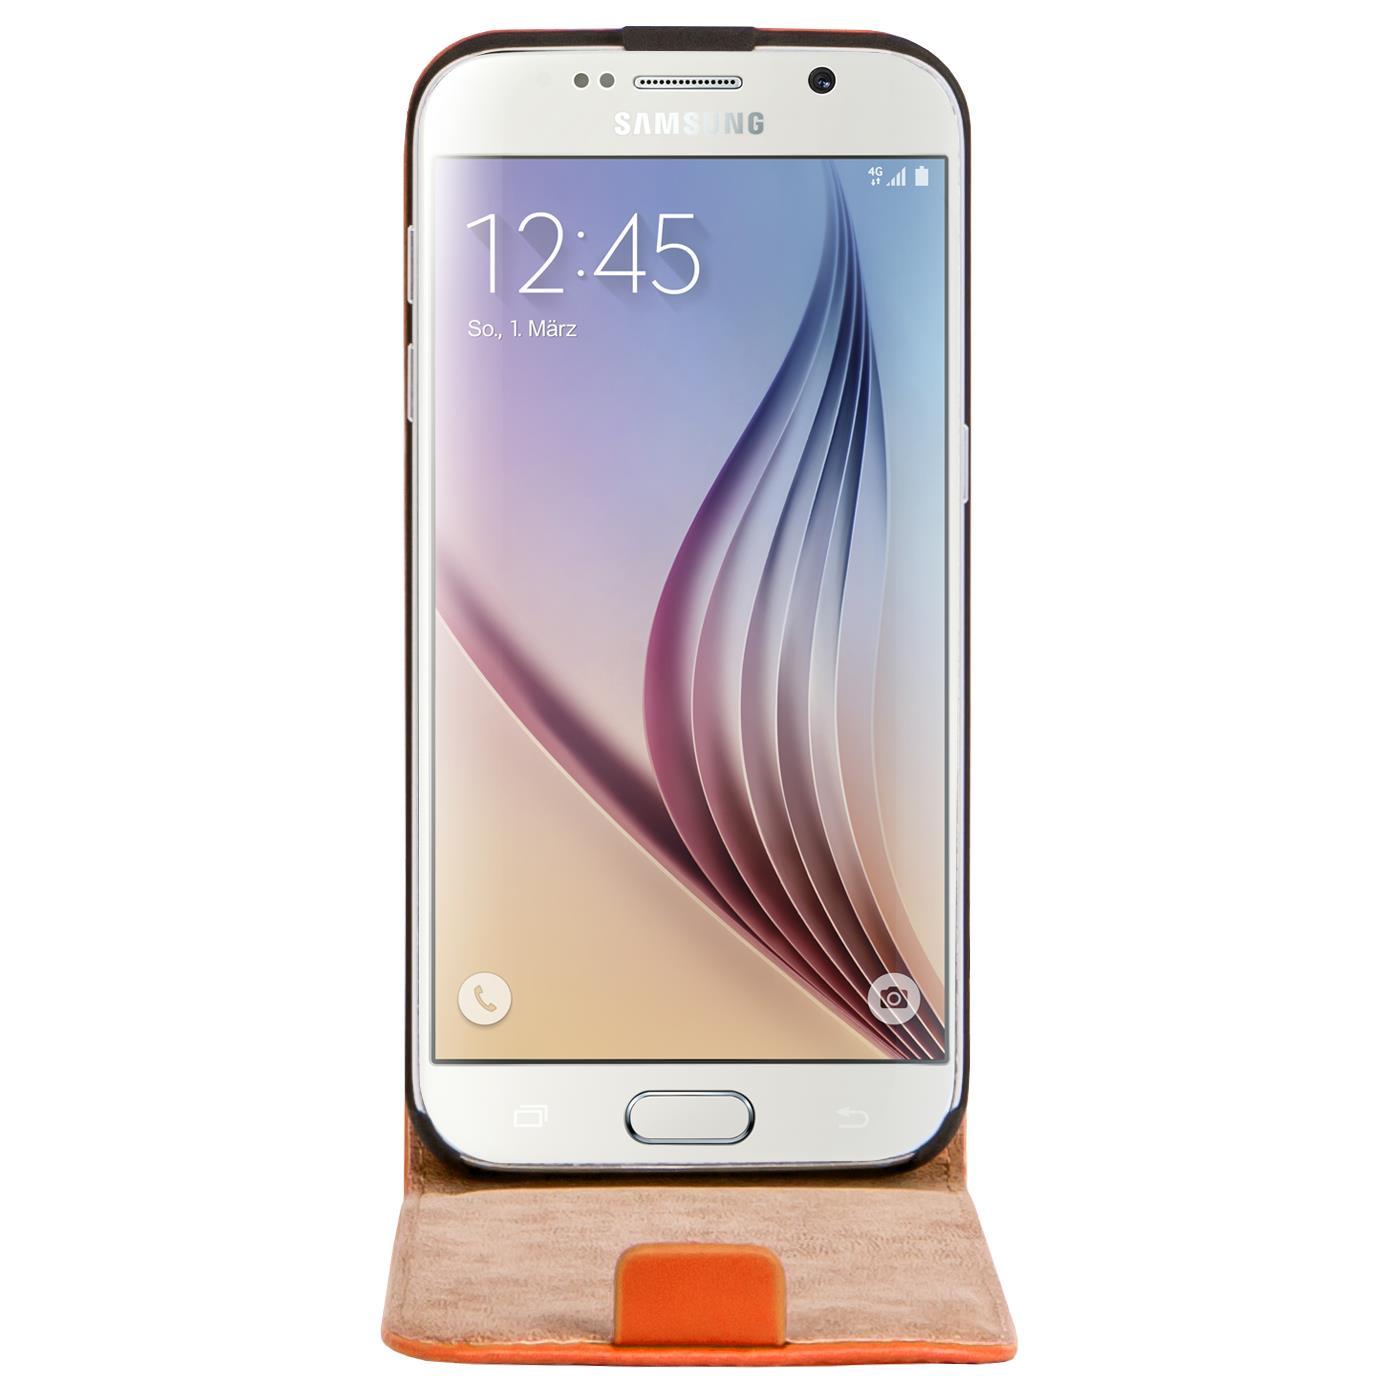 Klapphuelle-Samsung-Galaxy-Flip-Case-Tasche-Schutzhuelle-Cover-Schutz-Handy-Huelle Indexbild 58